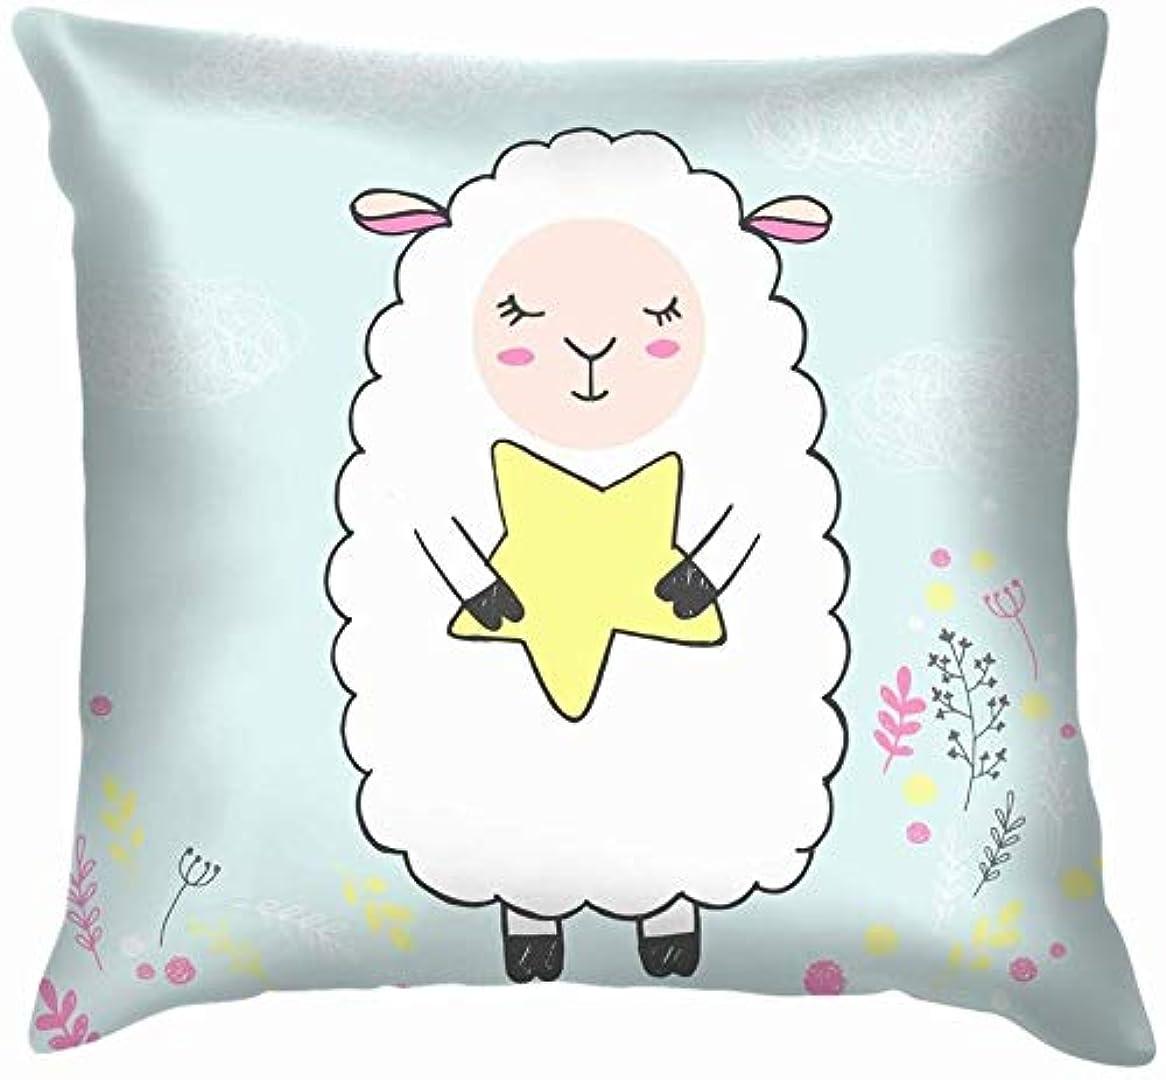 バルクダム膨らませるかわいい白い手描き動物野生動物羊芸術スロー枕カバーホームソファクッションカバー枕ギフト45×45センチ